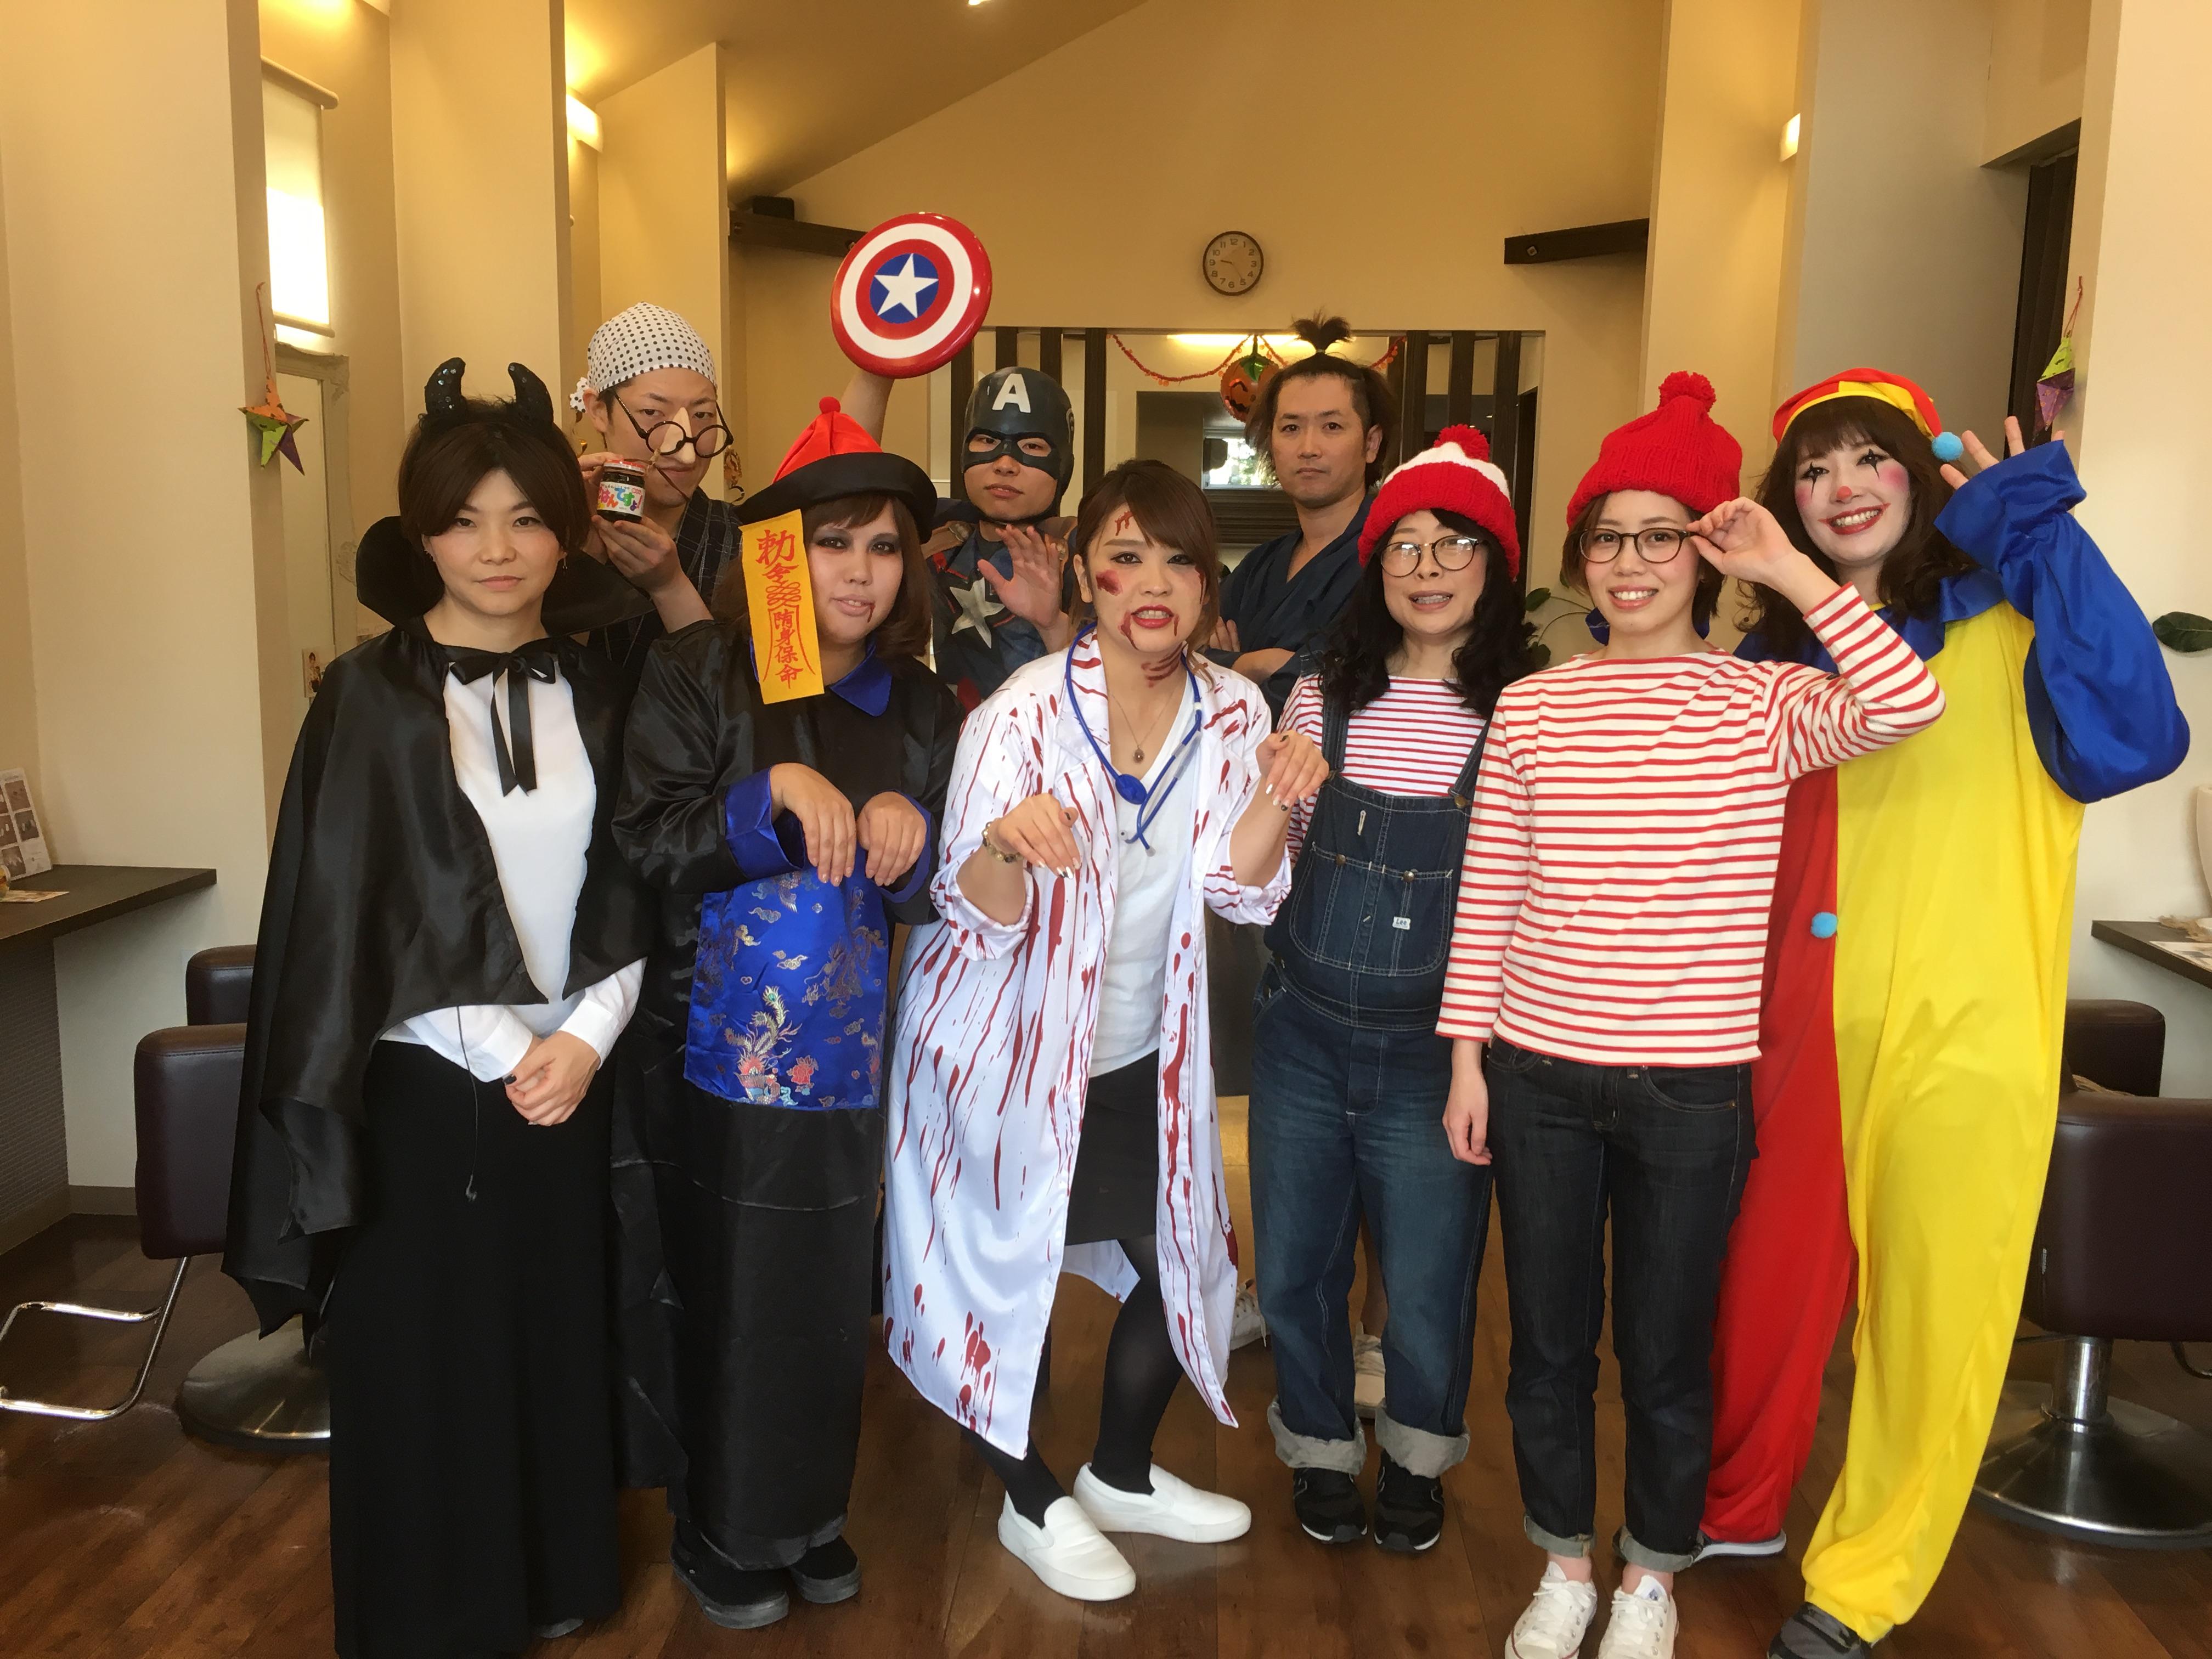 ハロウィン☆仮装営業